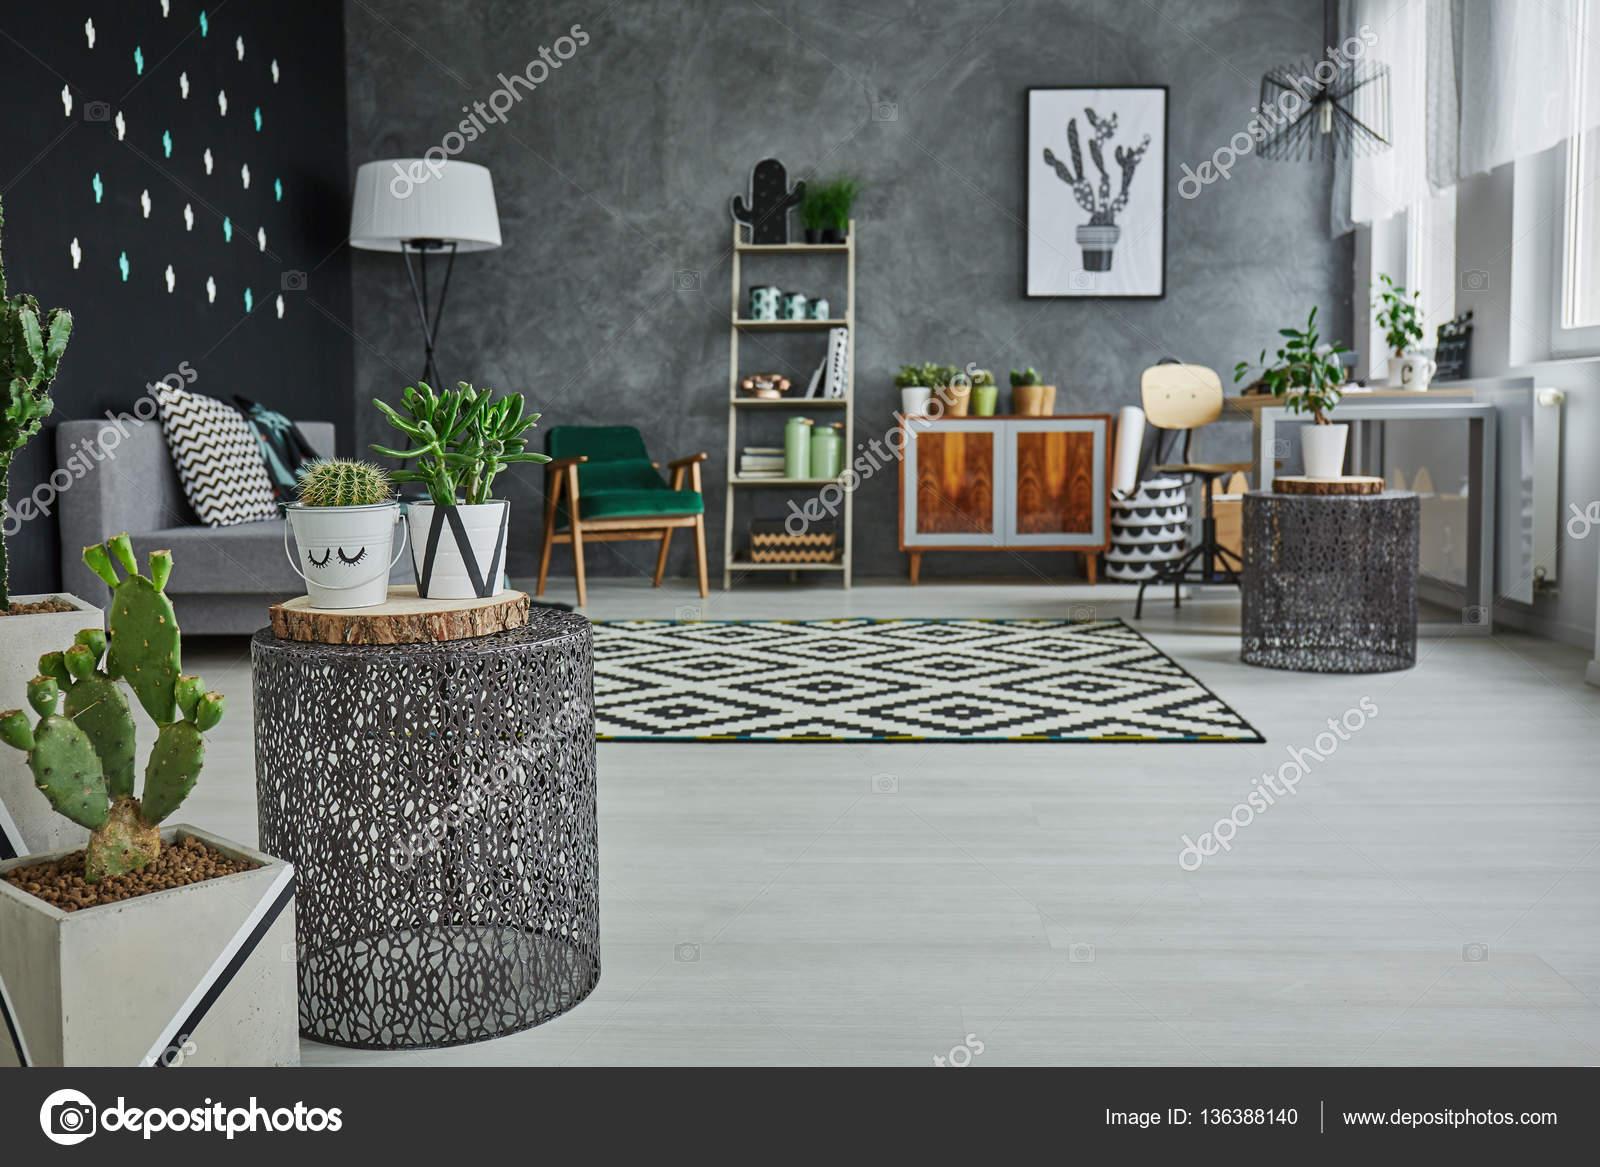 Mieszkanie Z Dekoracyjne Metalowe Akcesoria Zdjęcie